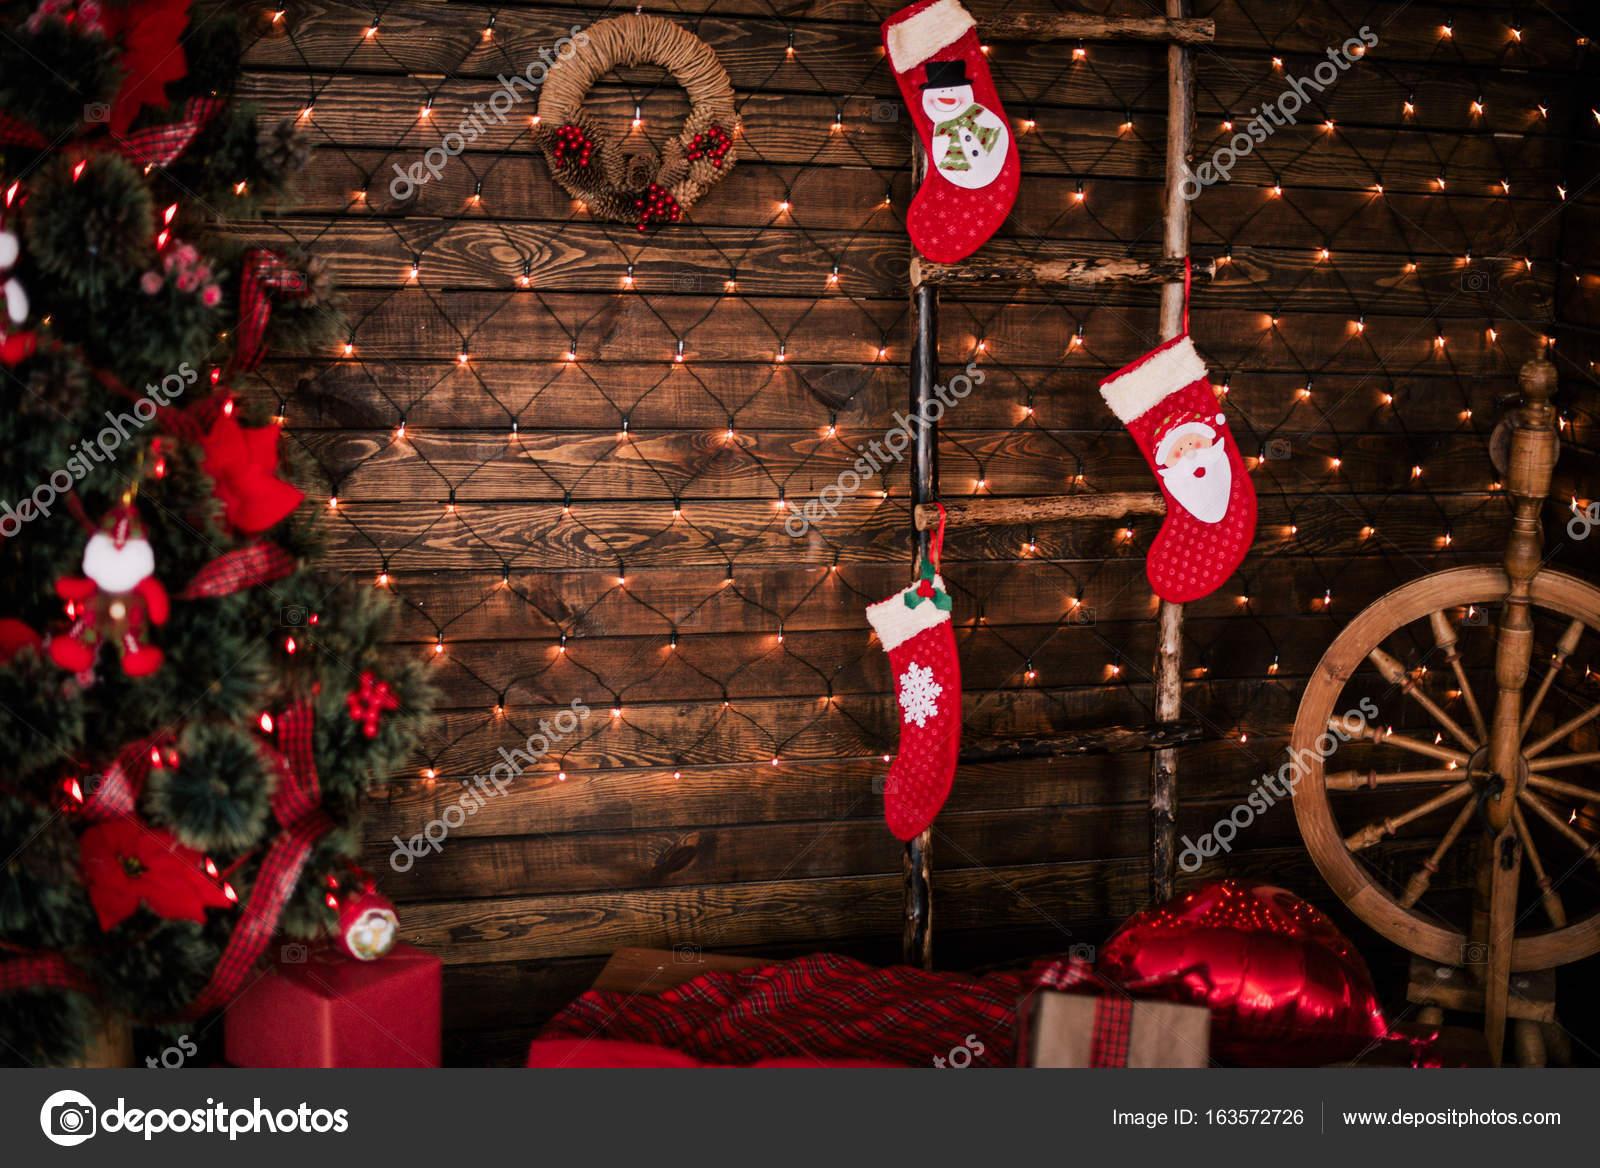 Weihnachts-Zimmer mit schönen Tanne, Neujahr Hintergrund dekoriert ...